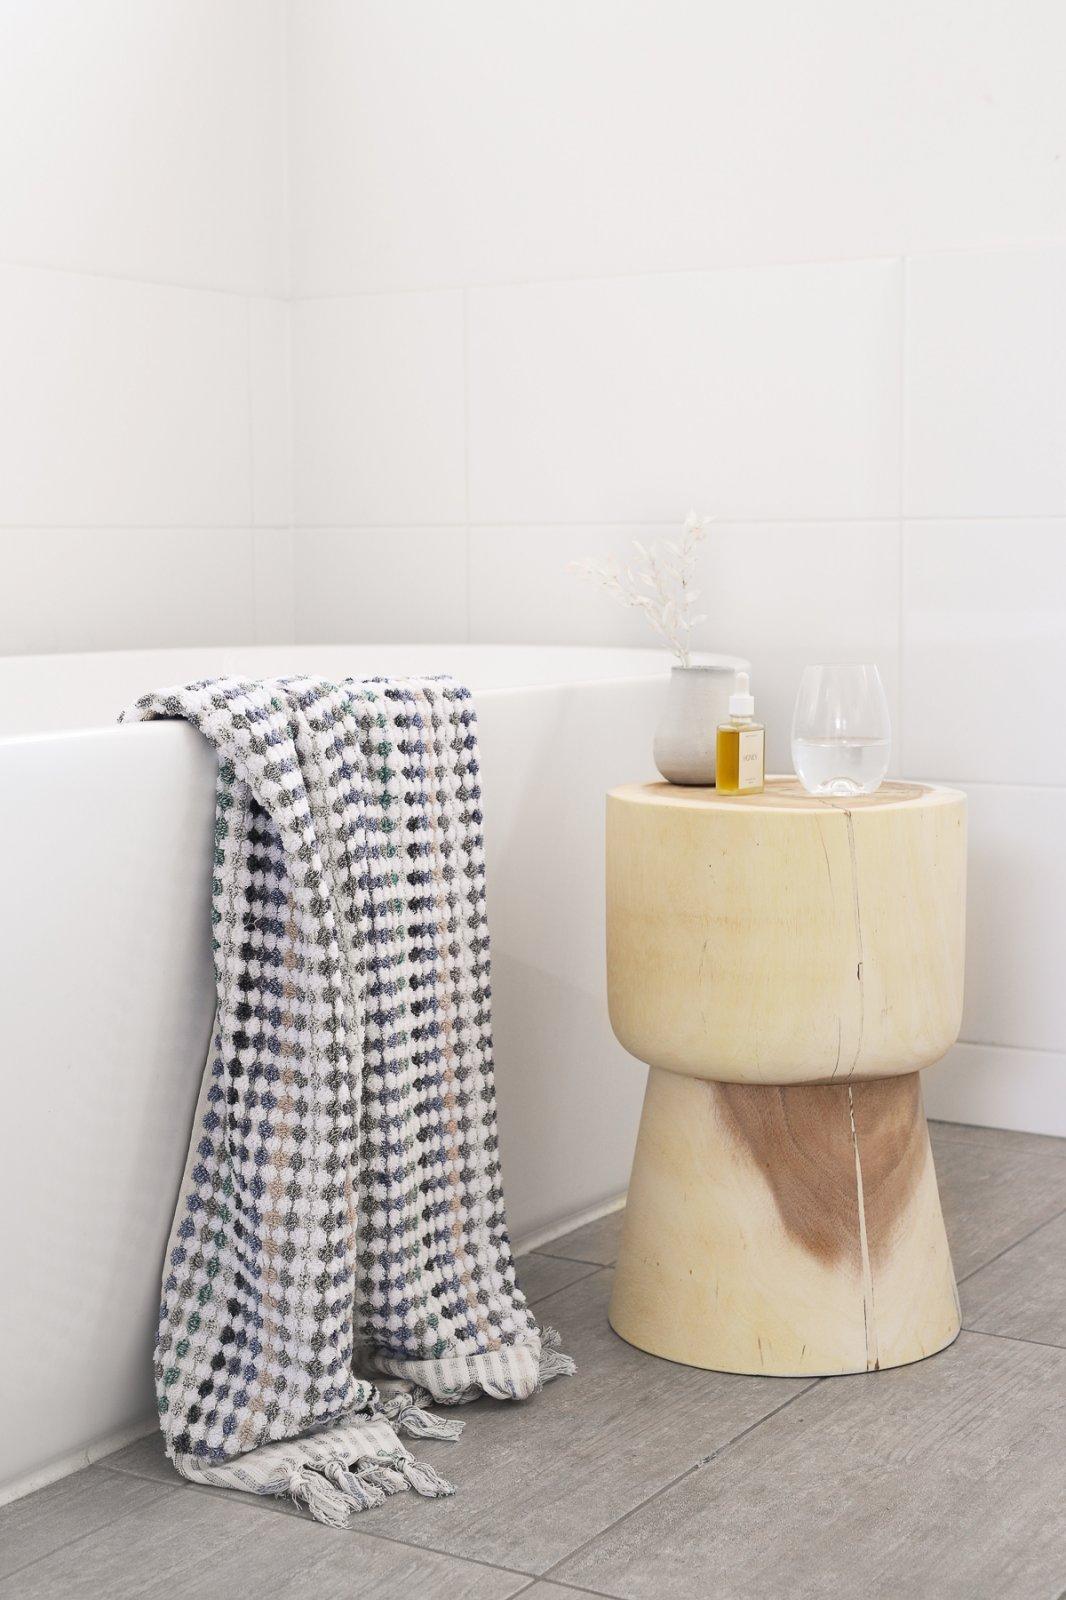 Miss April - Pom Pom Bath Towel - Eucalyptus